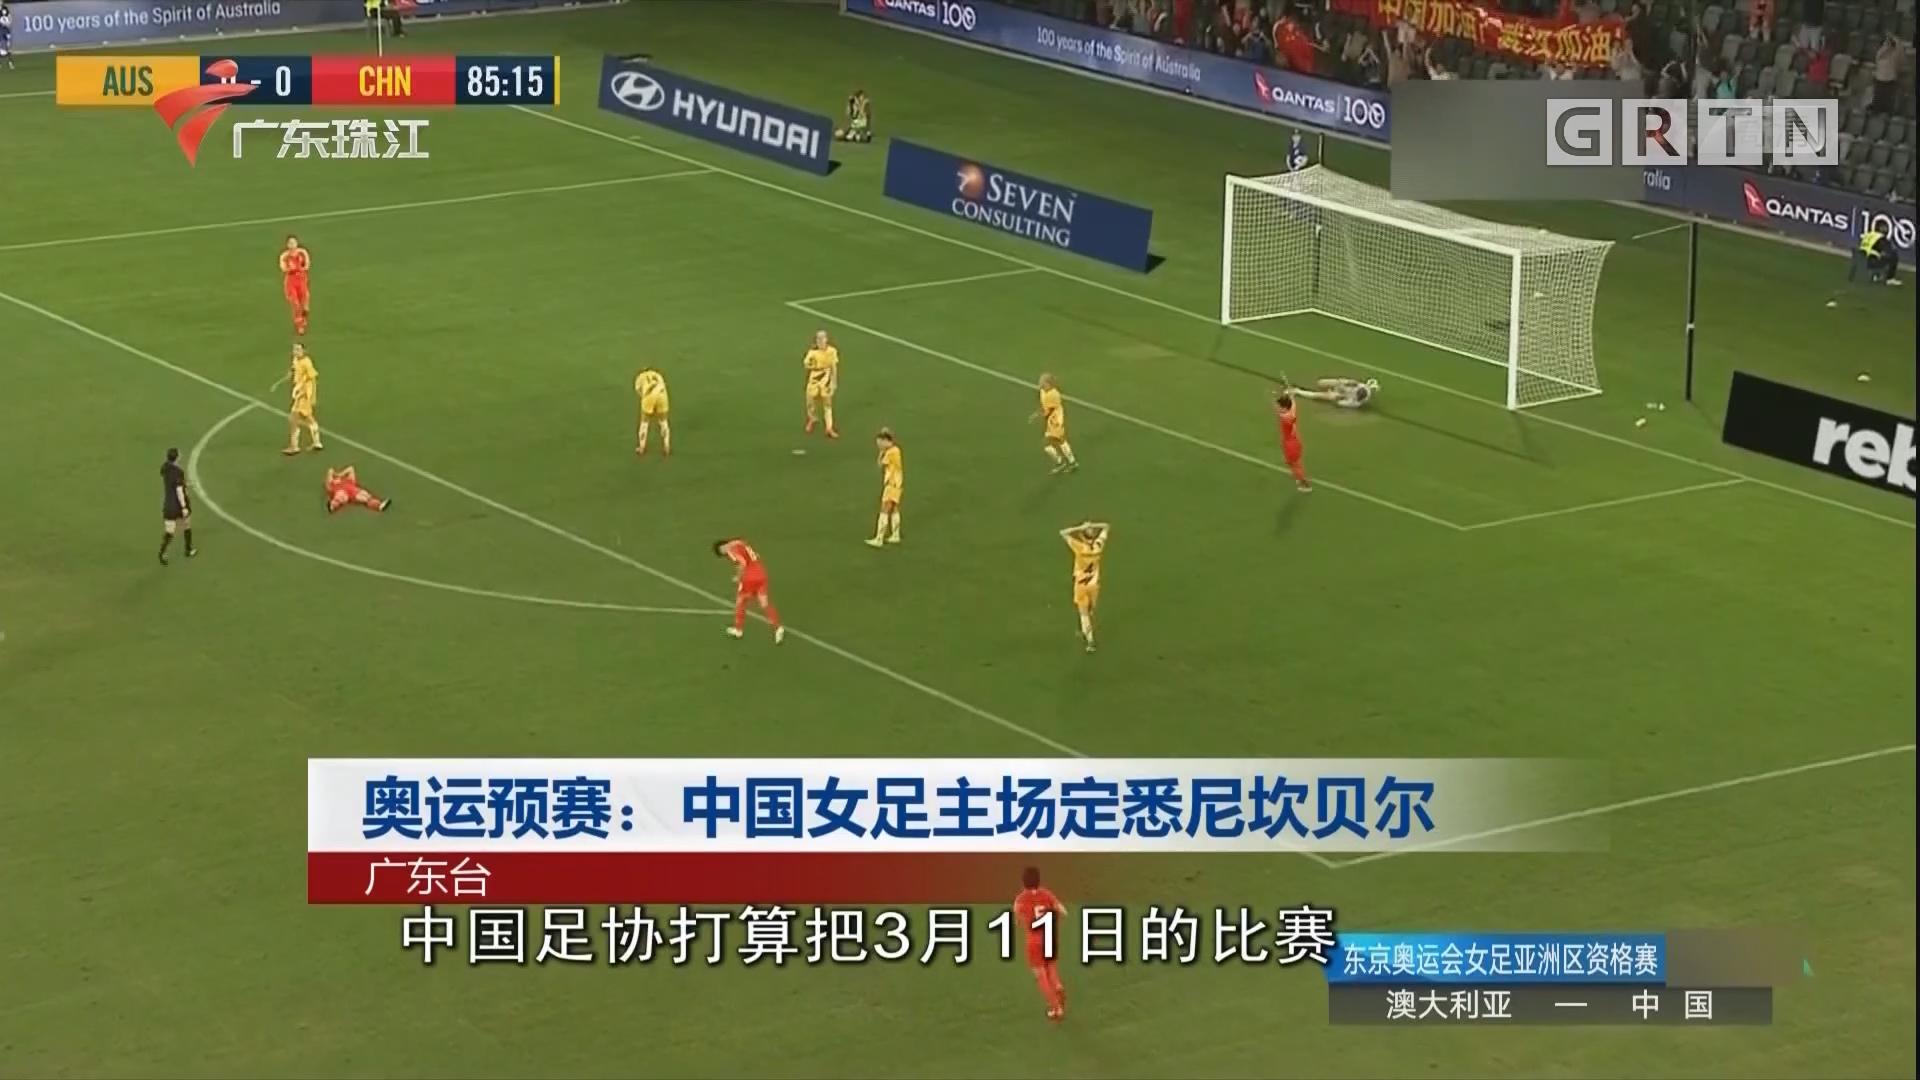 奥运预赛:中国女足主场定悉尼坎贝尔